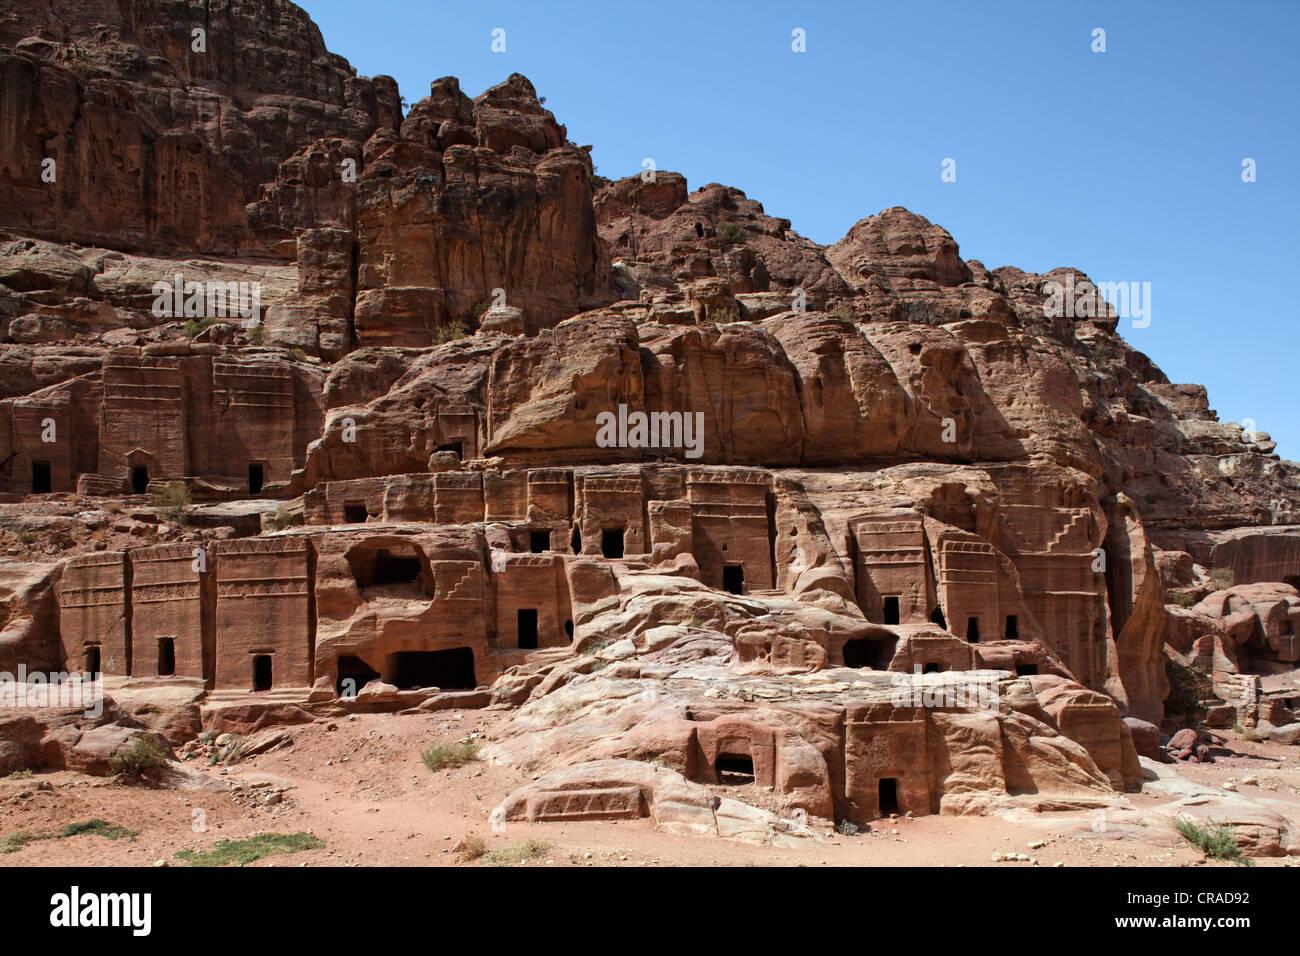 Rock-Gräber, Petra, die Hauptstadt der Nabatäer, Felsenstadt, UNESCO-Weltkulturerbe Hertage, Wadi Musa Stockbild